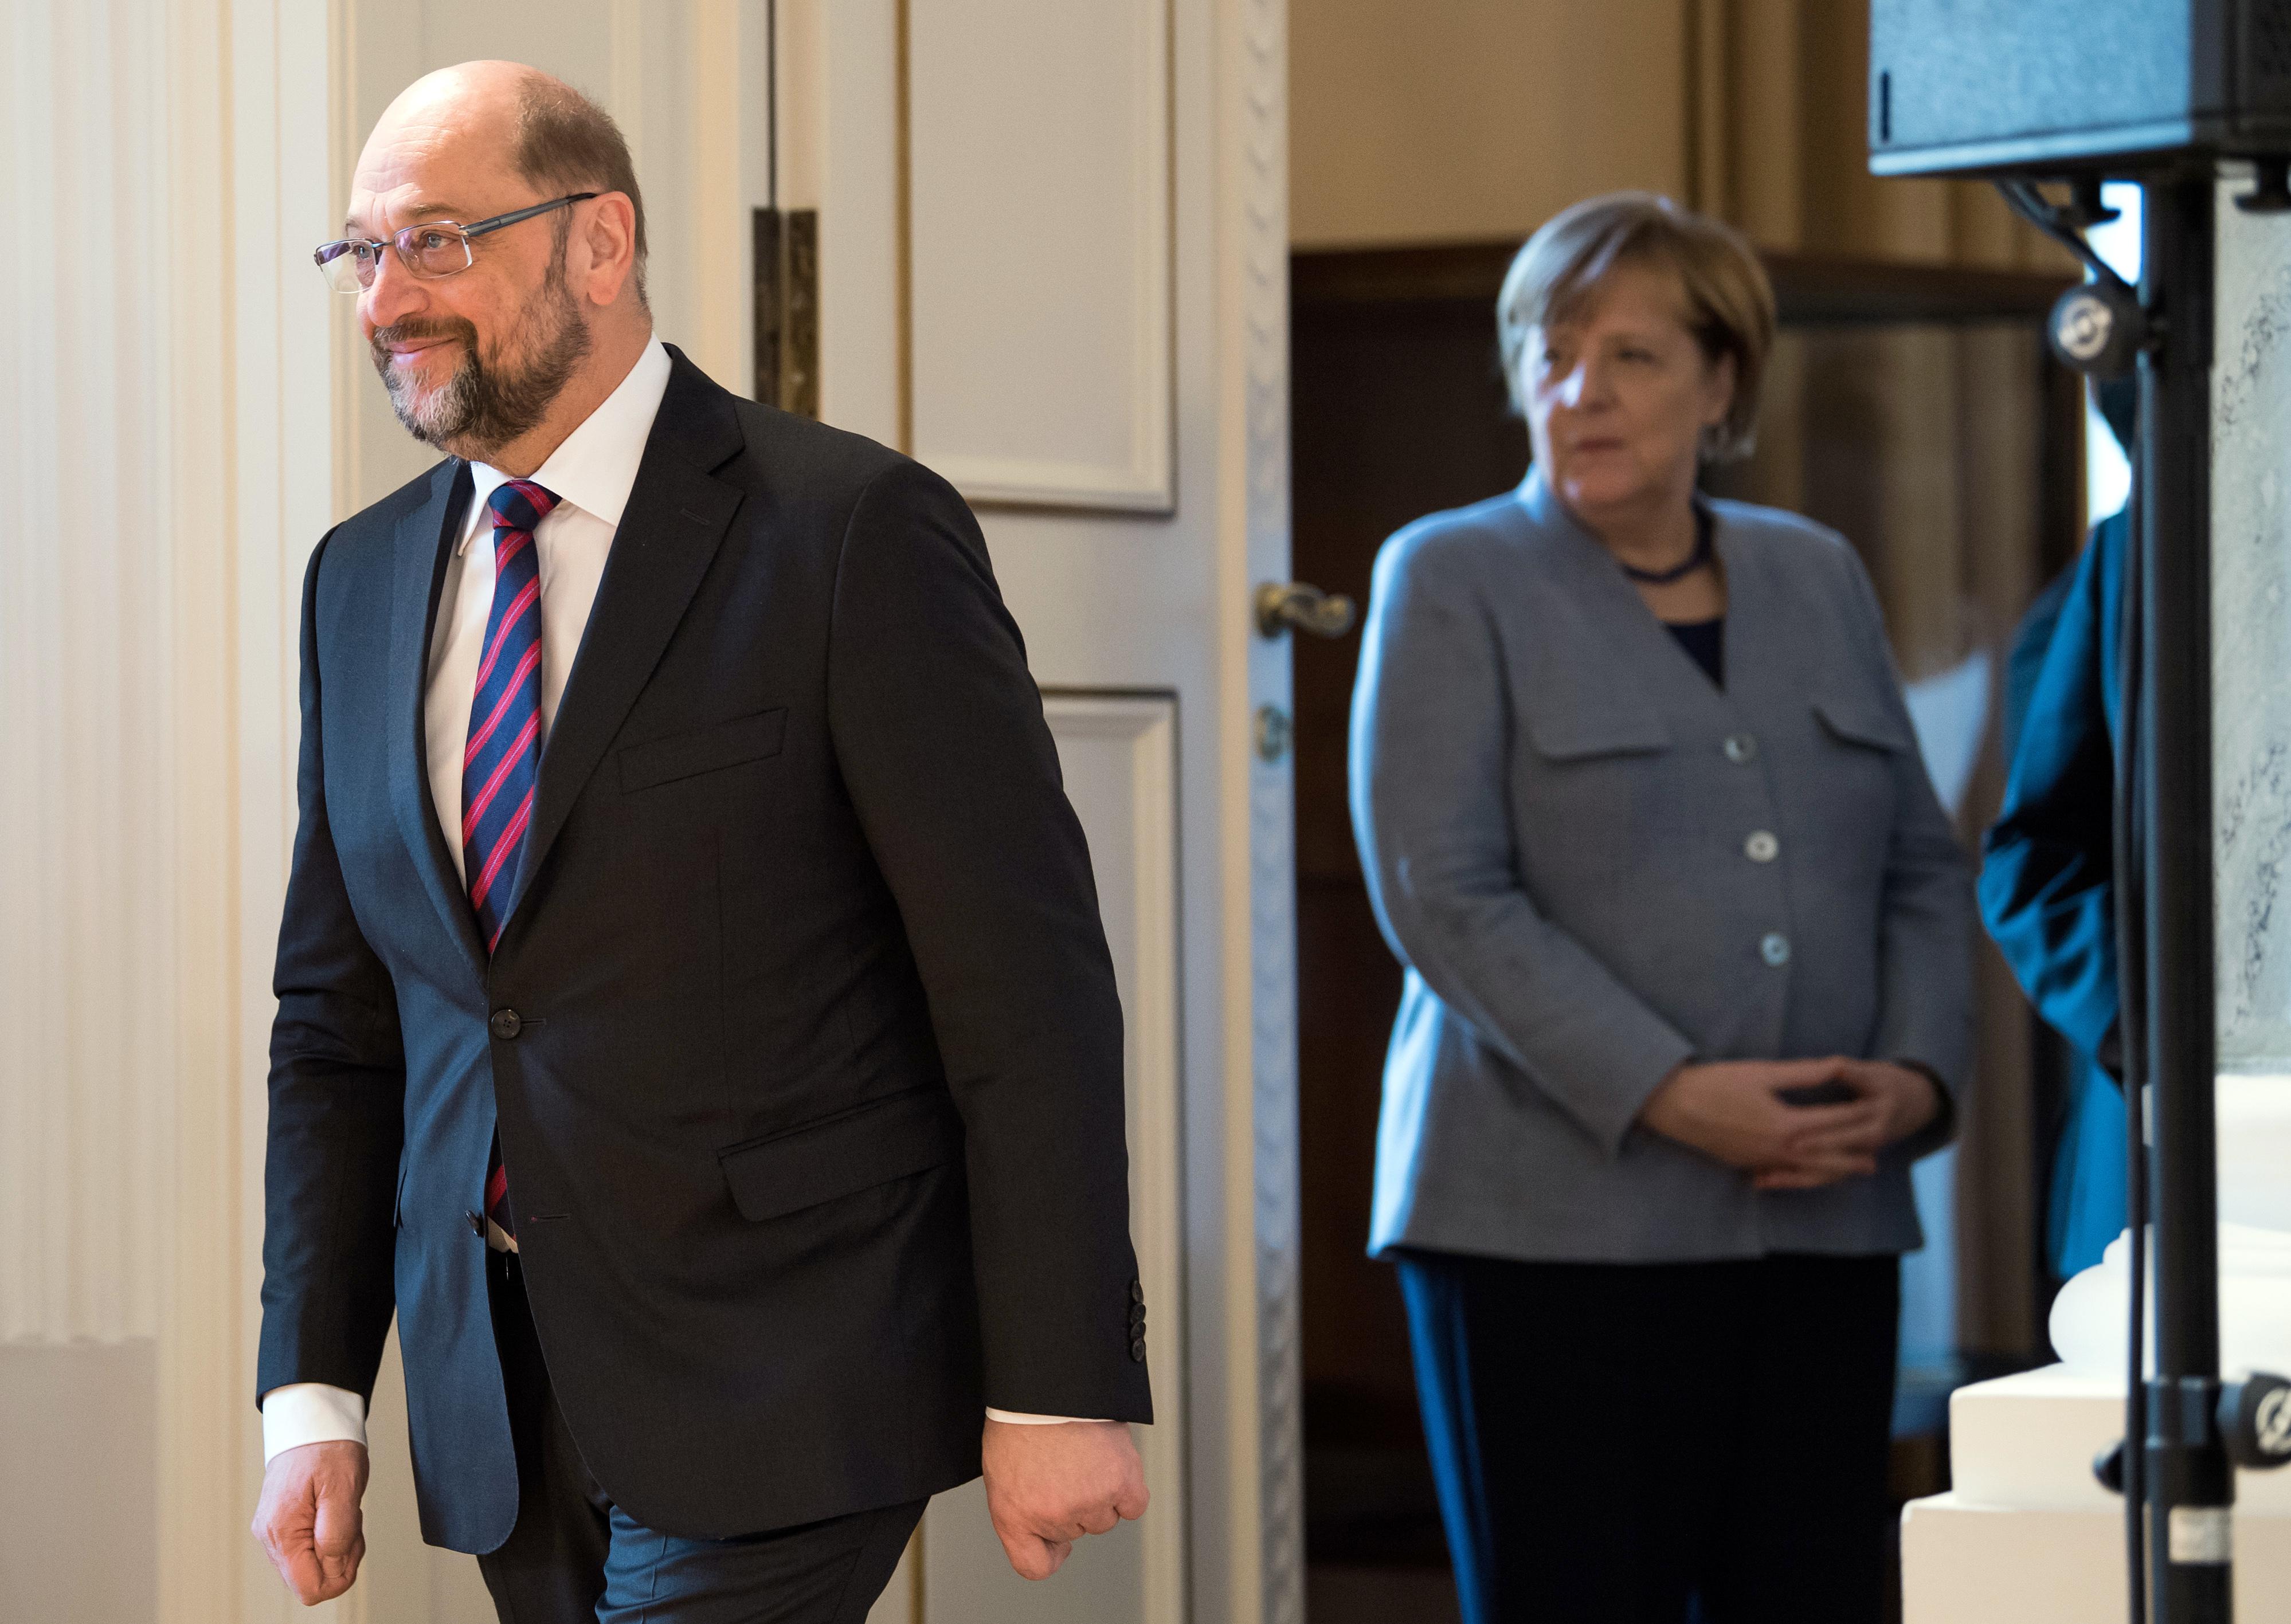 Hivatalosan is megindulhatnak a nagykoalíciós tárgyalások Németországban